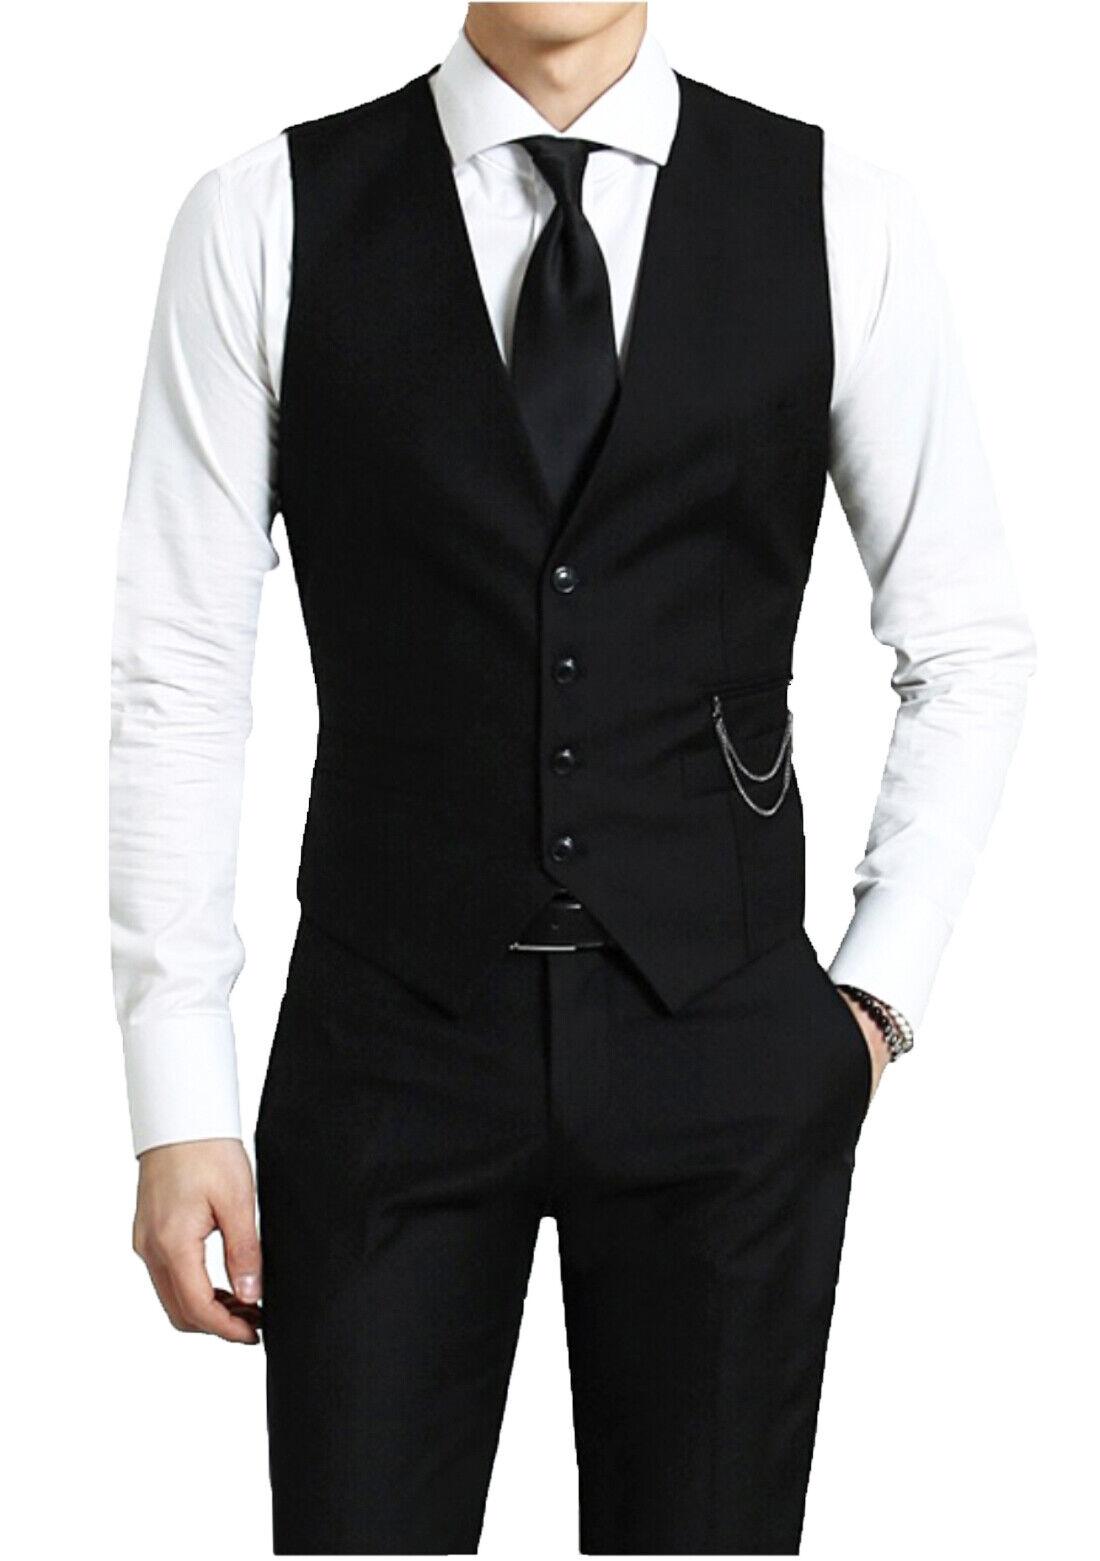 Kayhan herren anzug weste anzugsweste wählbar mit Hemd s s s m l xl xxl weste   Hervorragende Eigenschaften  d646fd